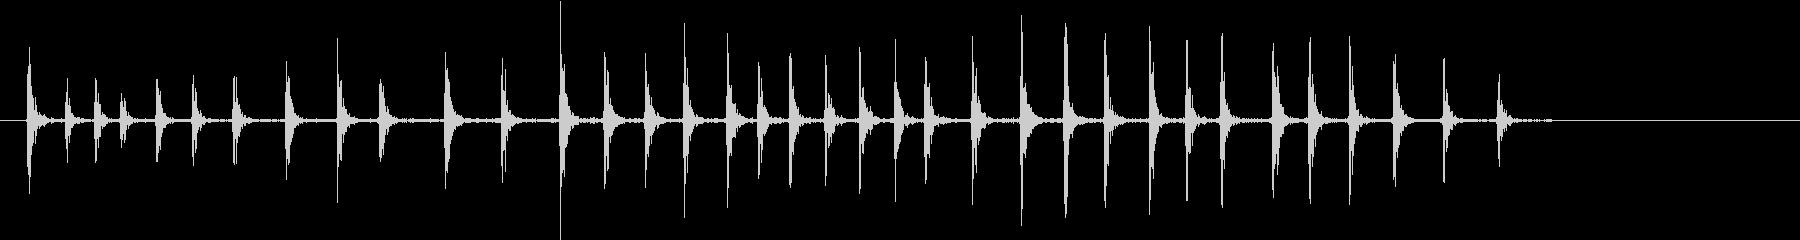 軋む(ギーッ)_02の未再生の波形